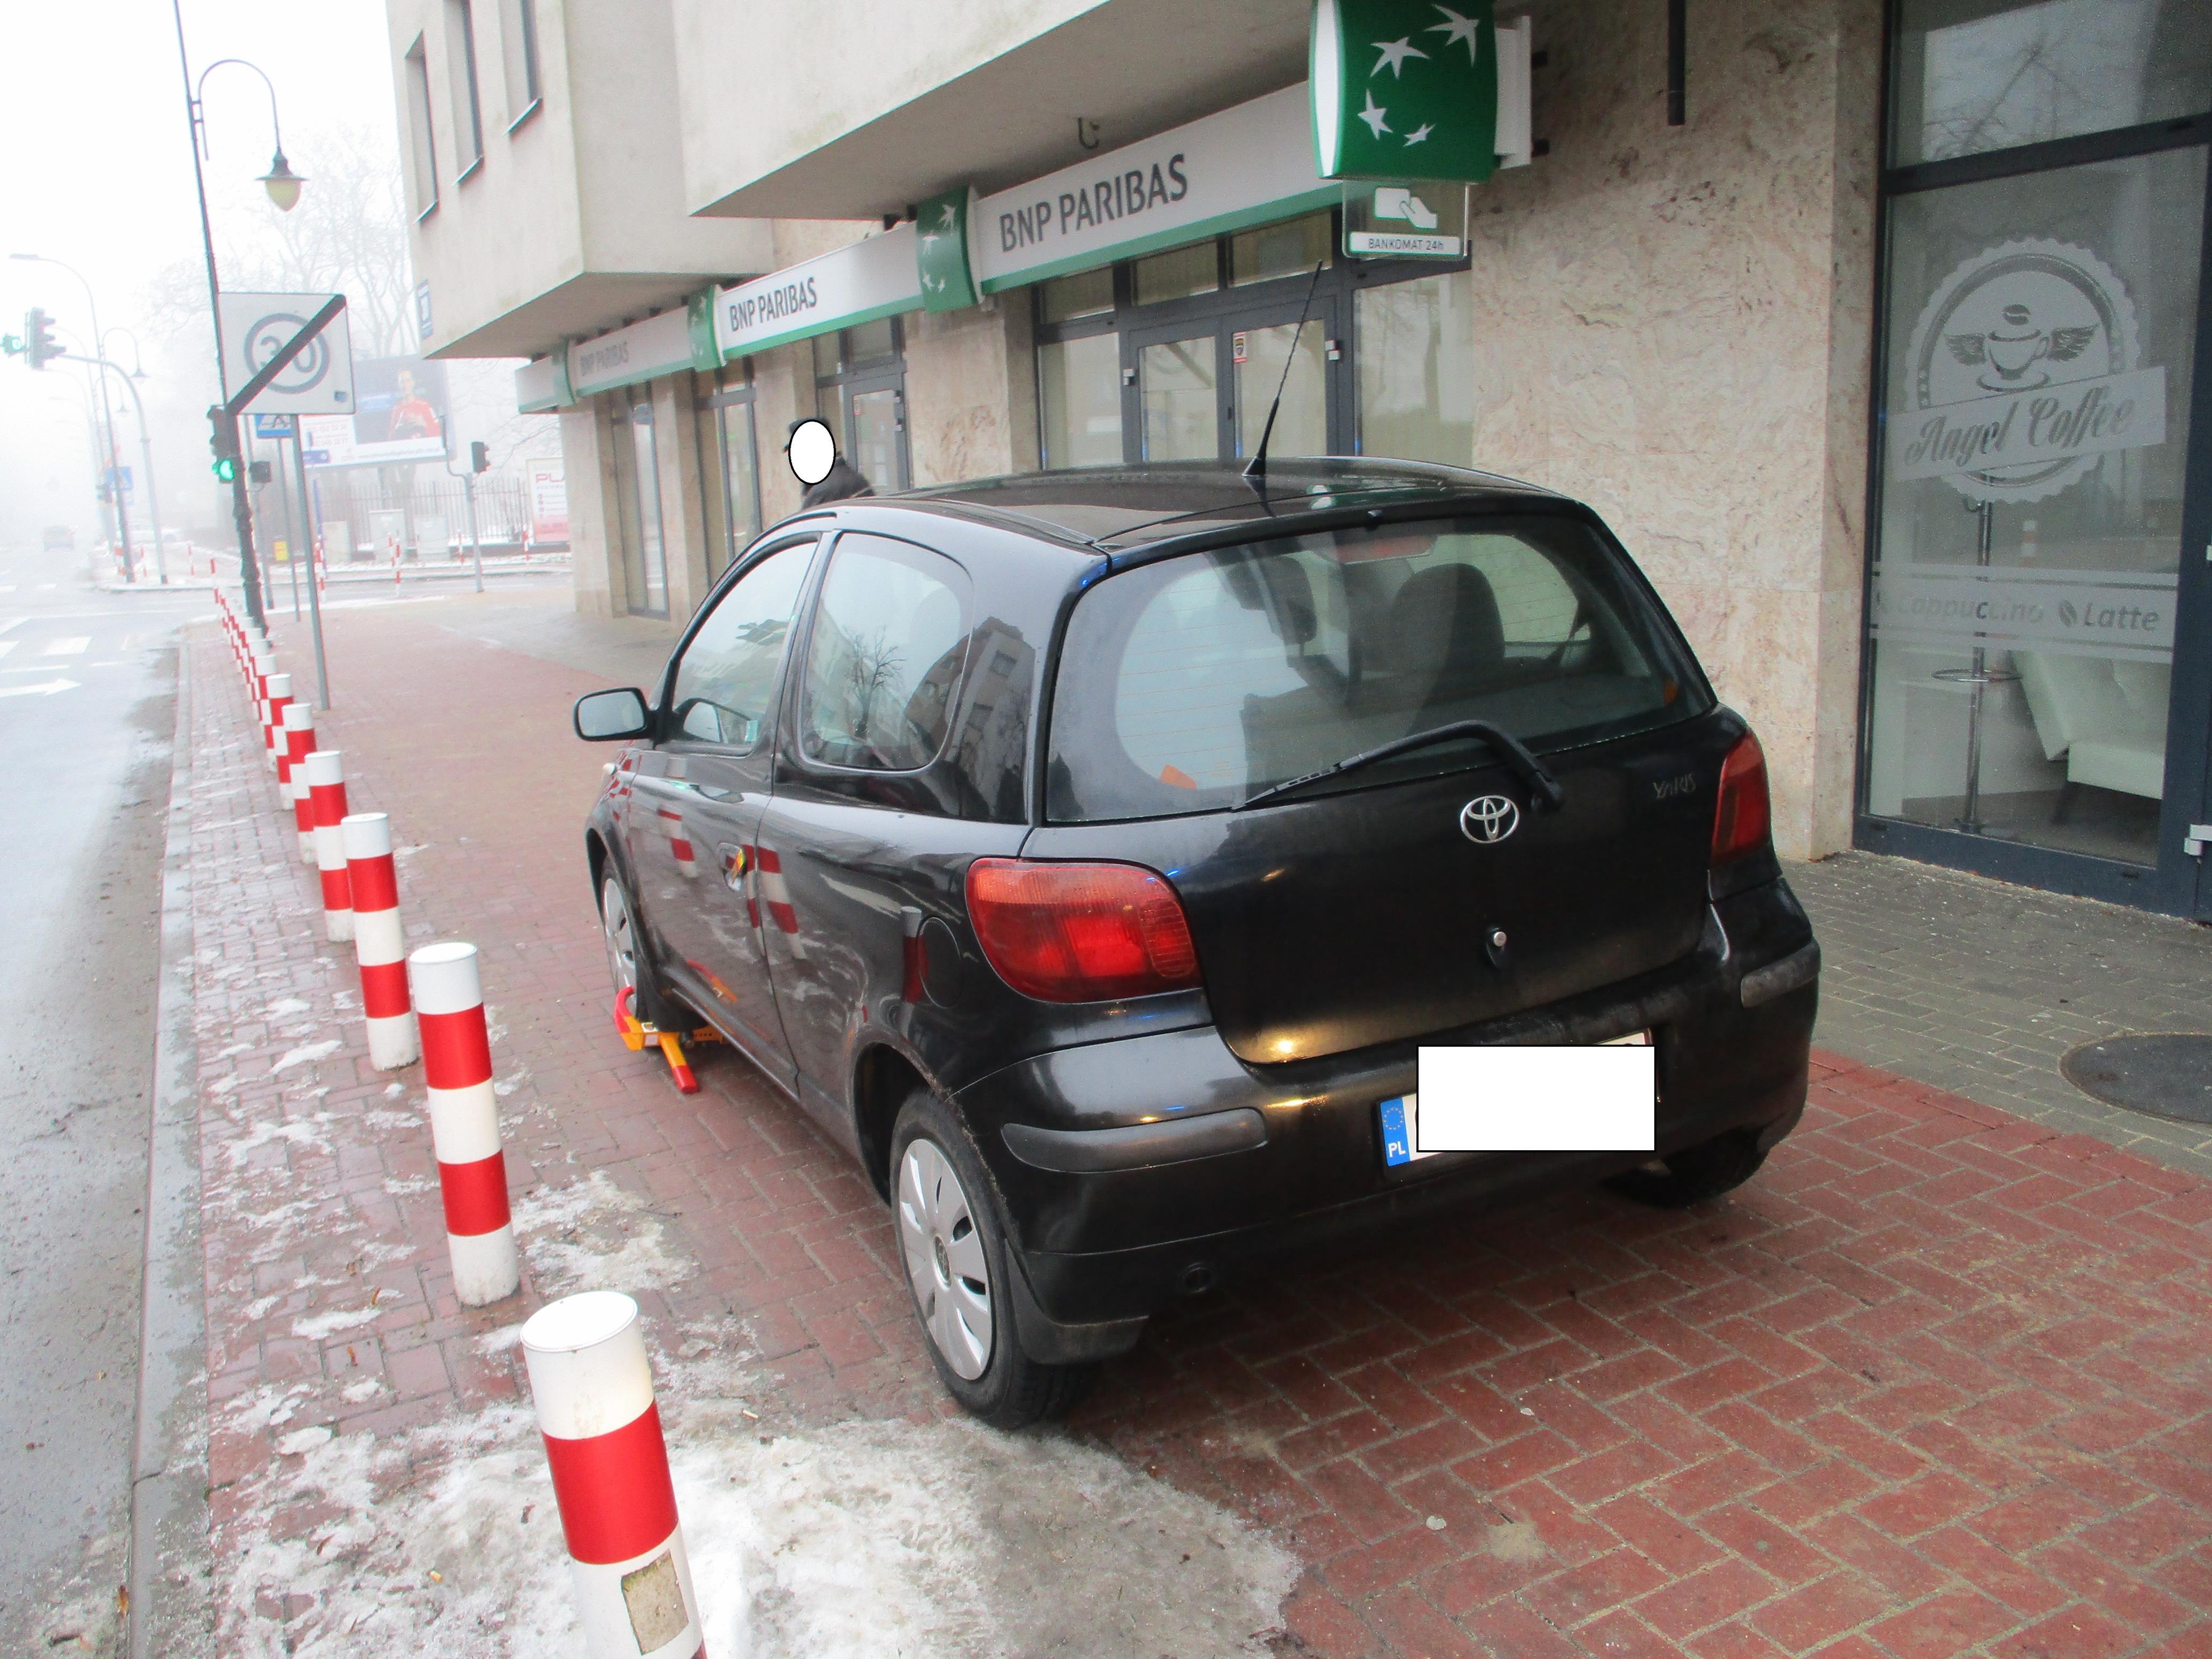 Mistrzów parkowania w Płocku nie brakuje. Straż miejska publikuje zdjęcia i ostrzega: to słono kosztuje [FOTO] - Zdjęcie główne